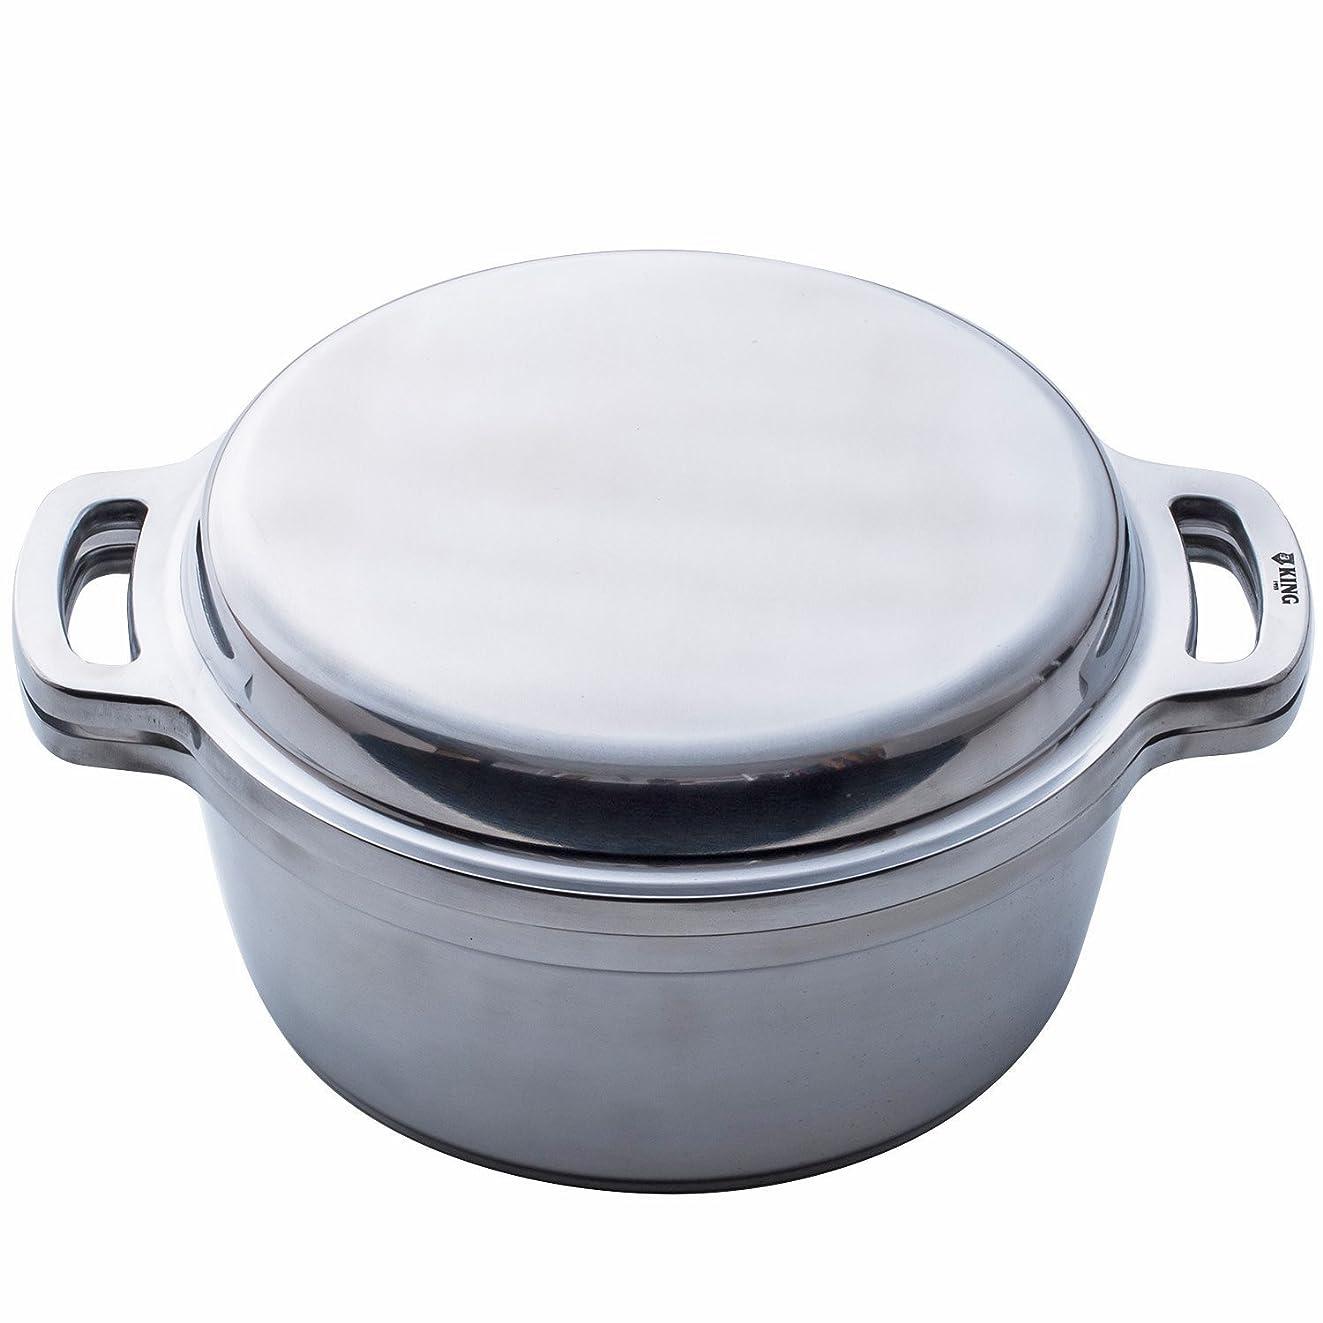 十一特別な分数ハルムスイ KING 無水鍋 両手鍋 24cm 600034